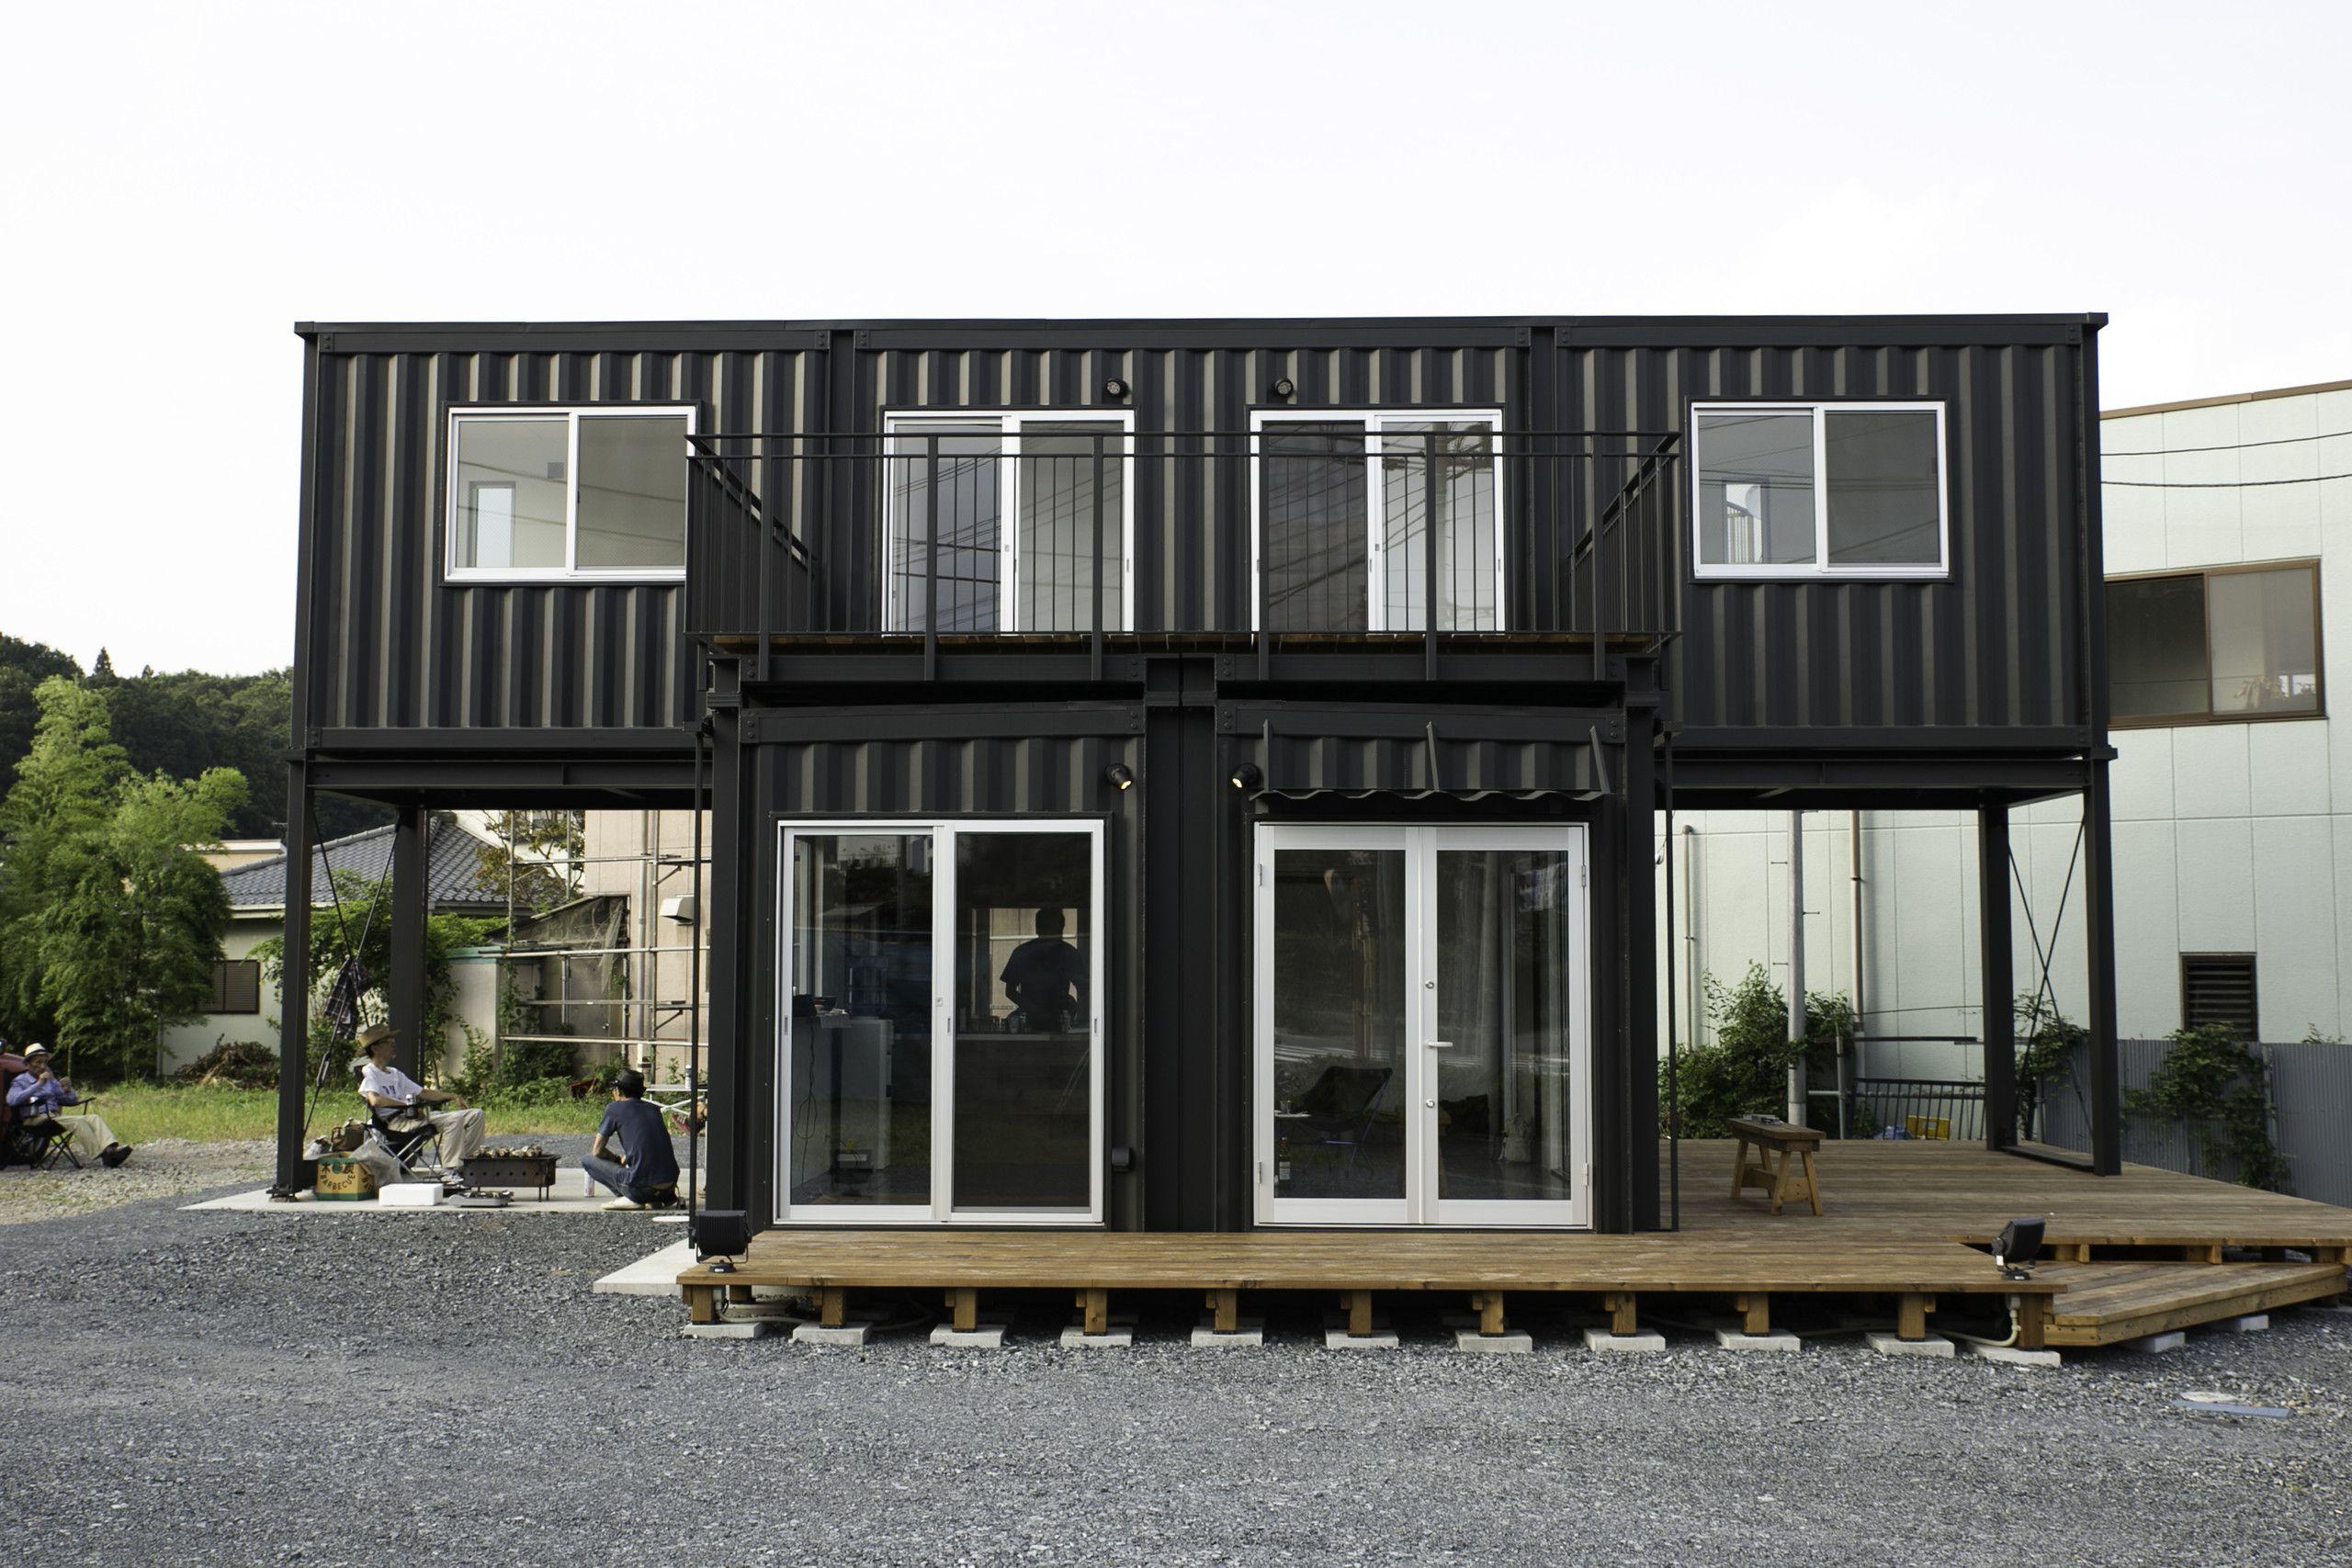 container wohnung es sieht aus wie ein container in. Black Bedroom Furniture Sets. Home Design Ideas